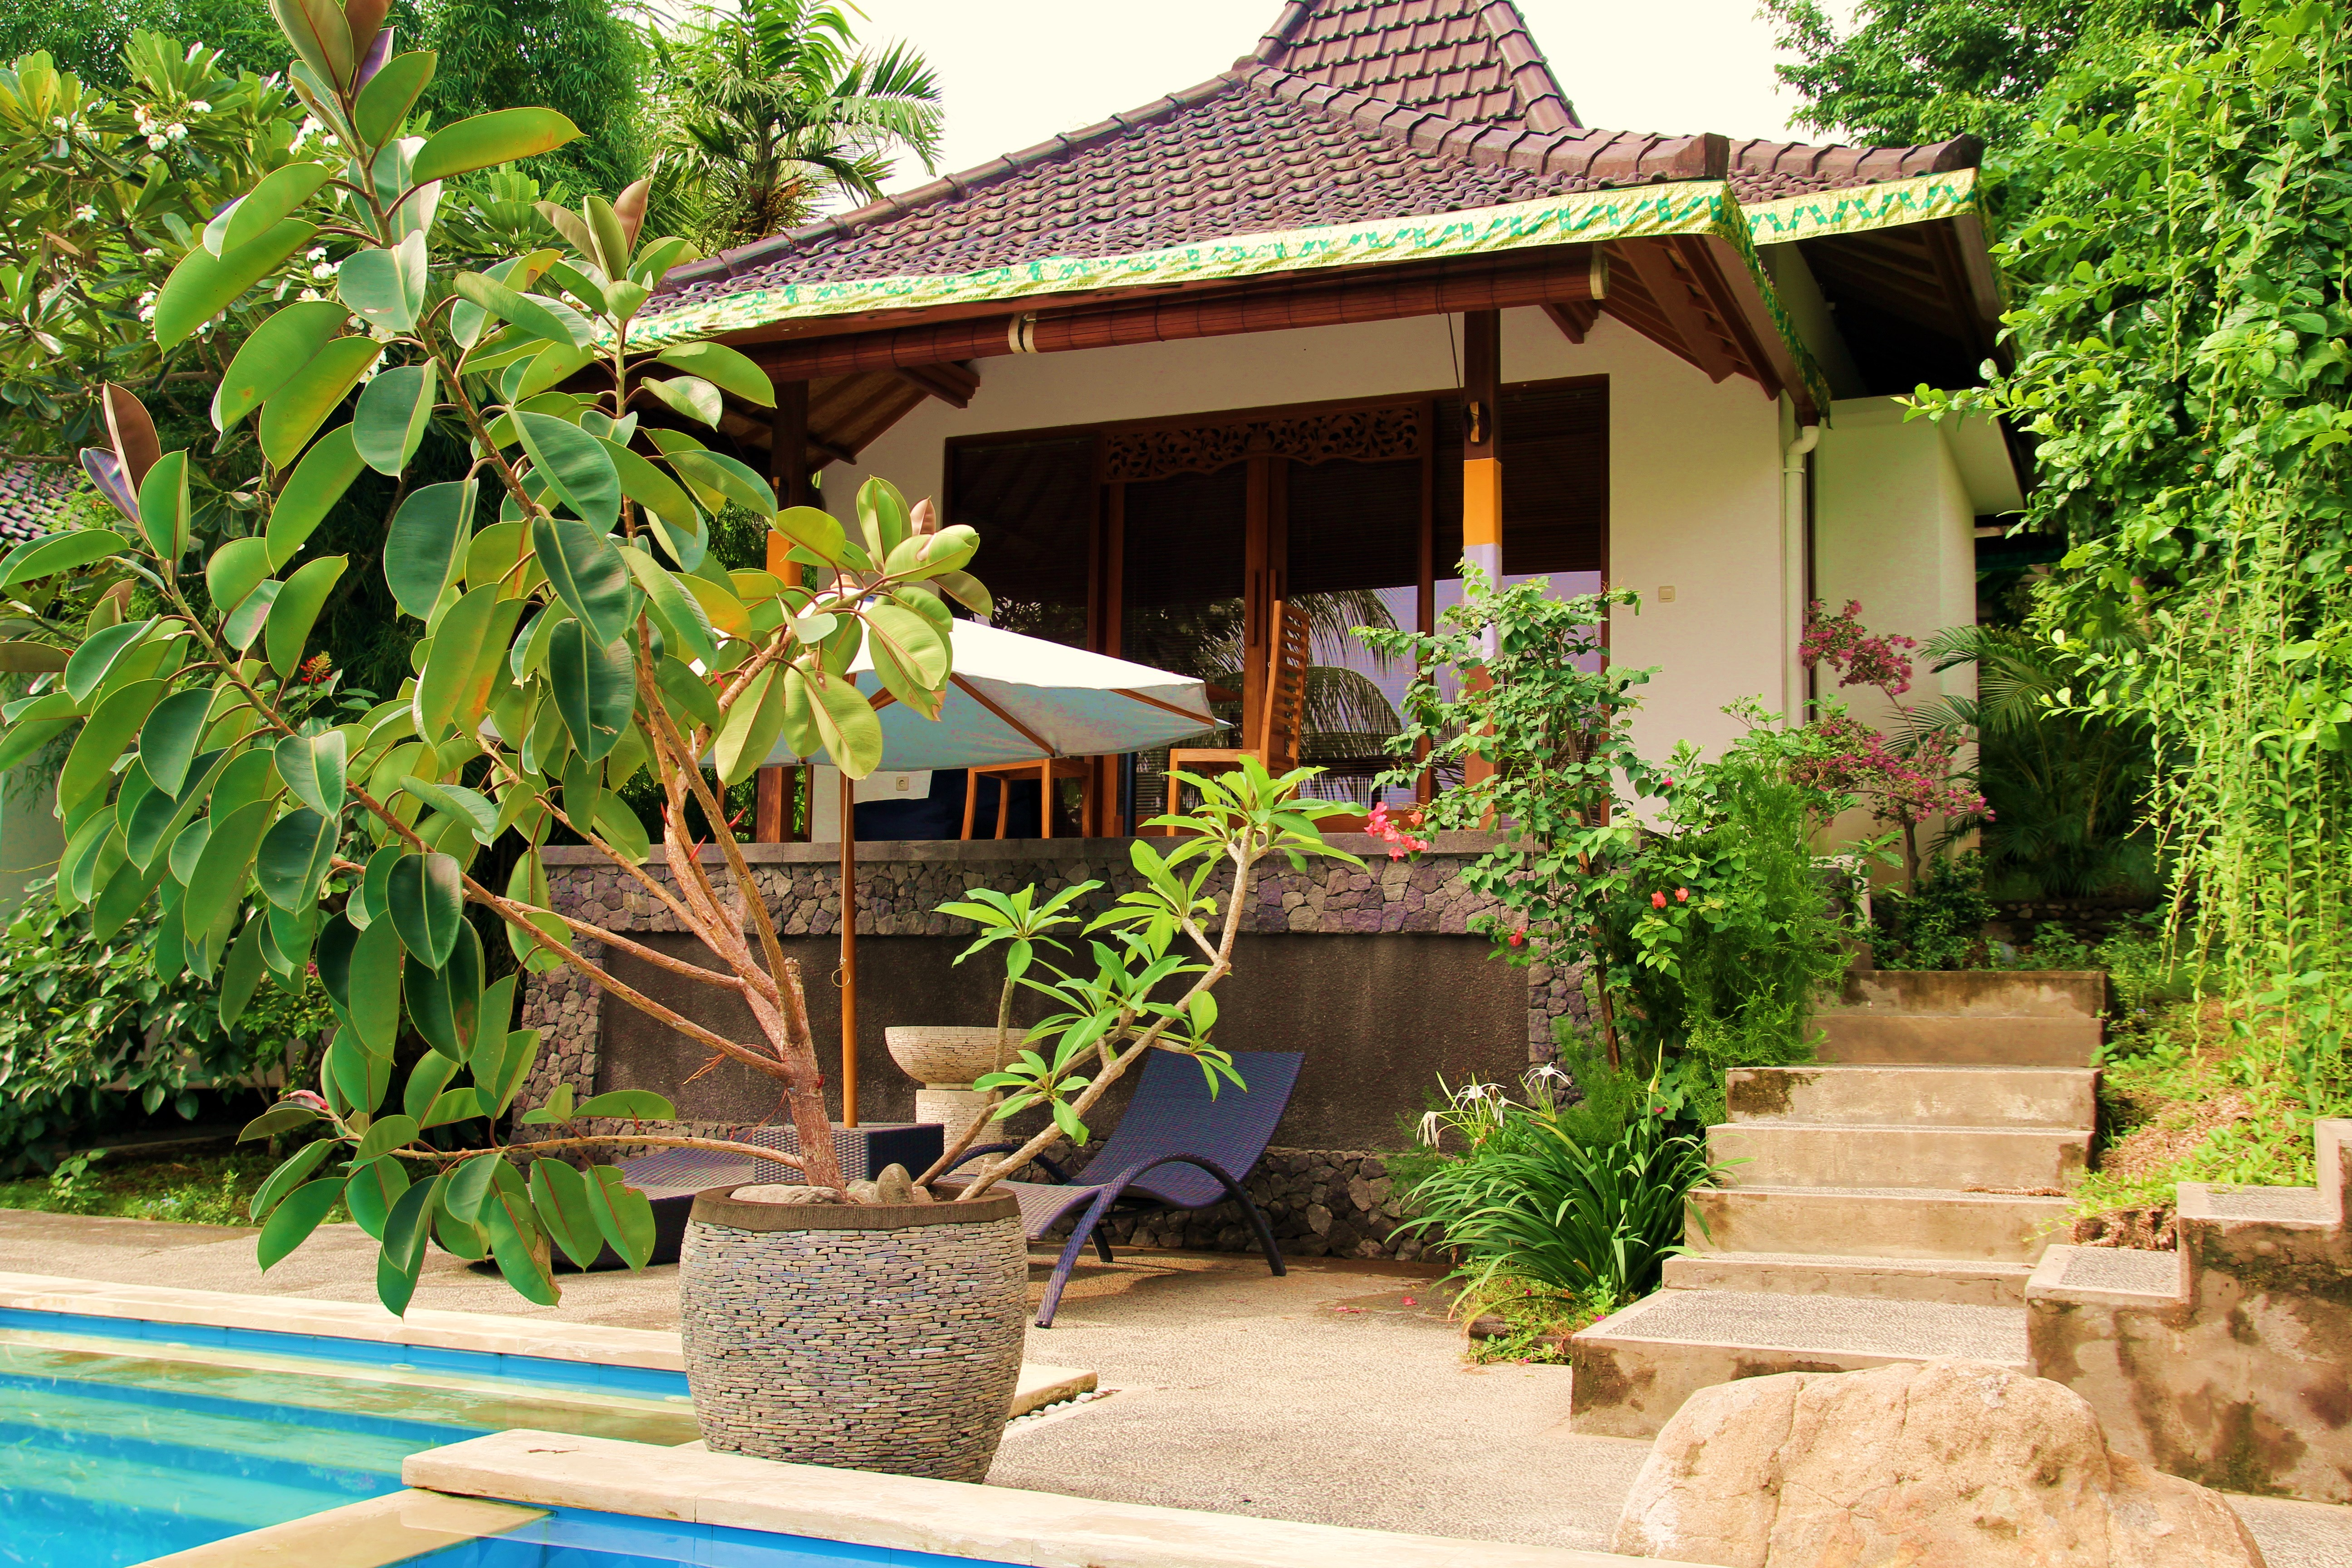 Bali Marina Villas Frangipani Villa Amed Boutique Hotels For Rent In Abang Bali Indonesia